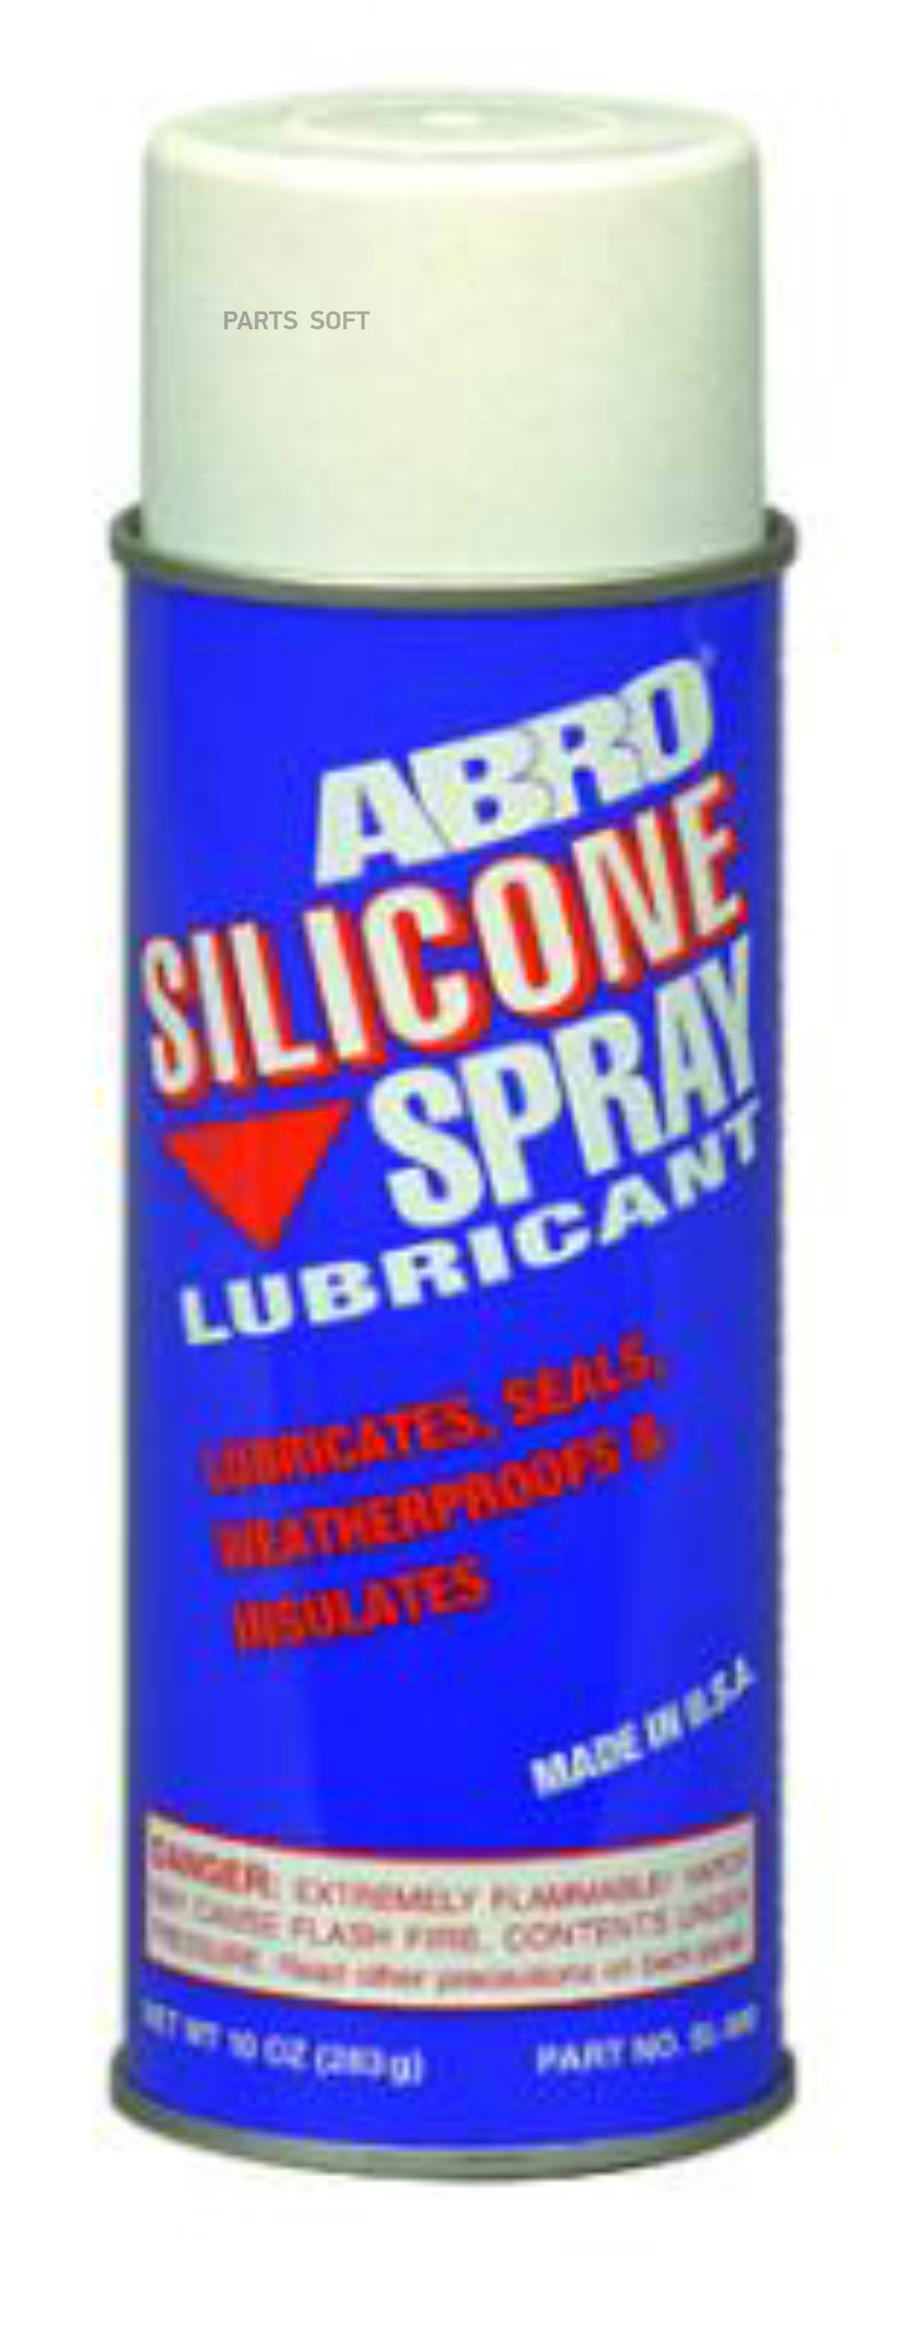 Жидкость силиконовая смазка-спрей 283 мл sl-900